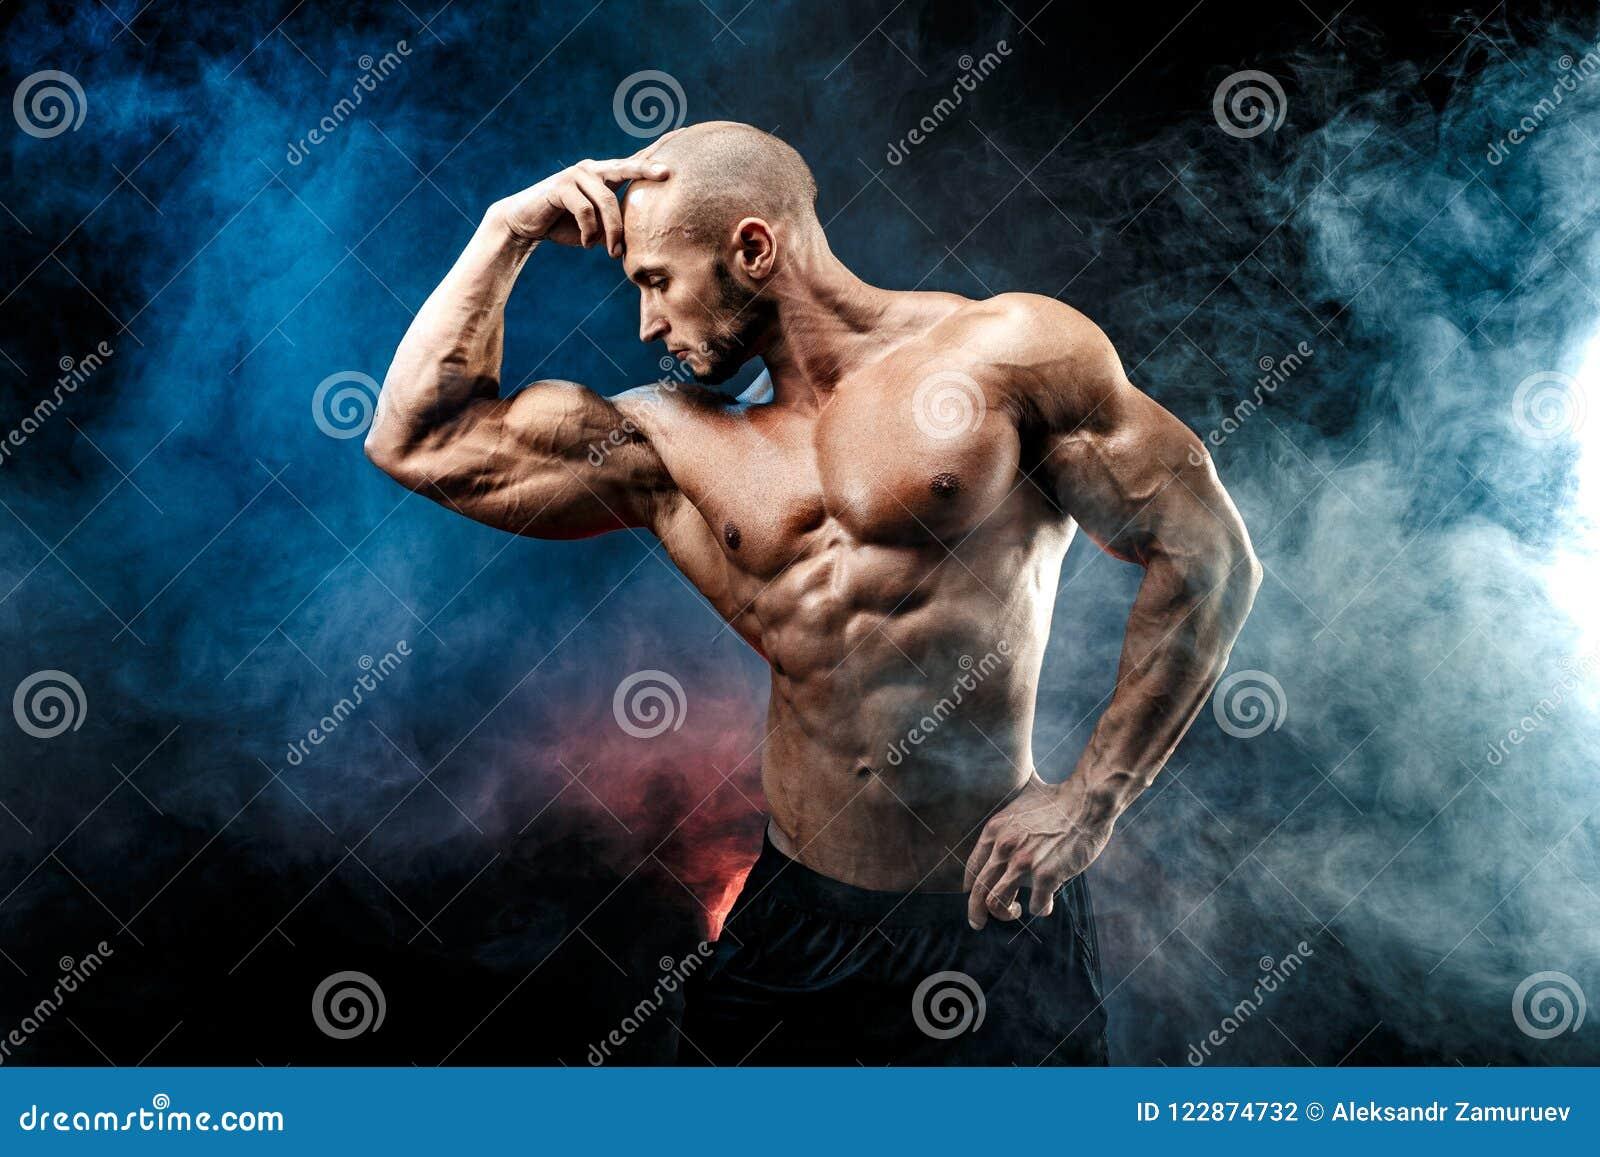 Starker Bodybuildermann mit perfekter ABS, Schultern, Bizeps, Trizeps, Kasten